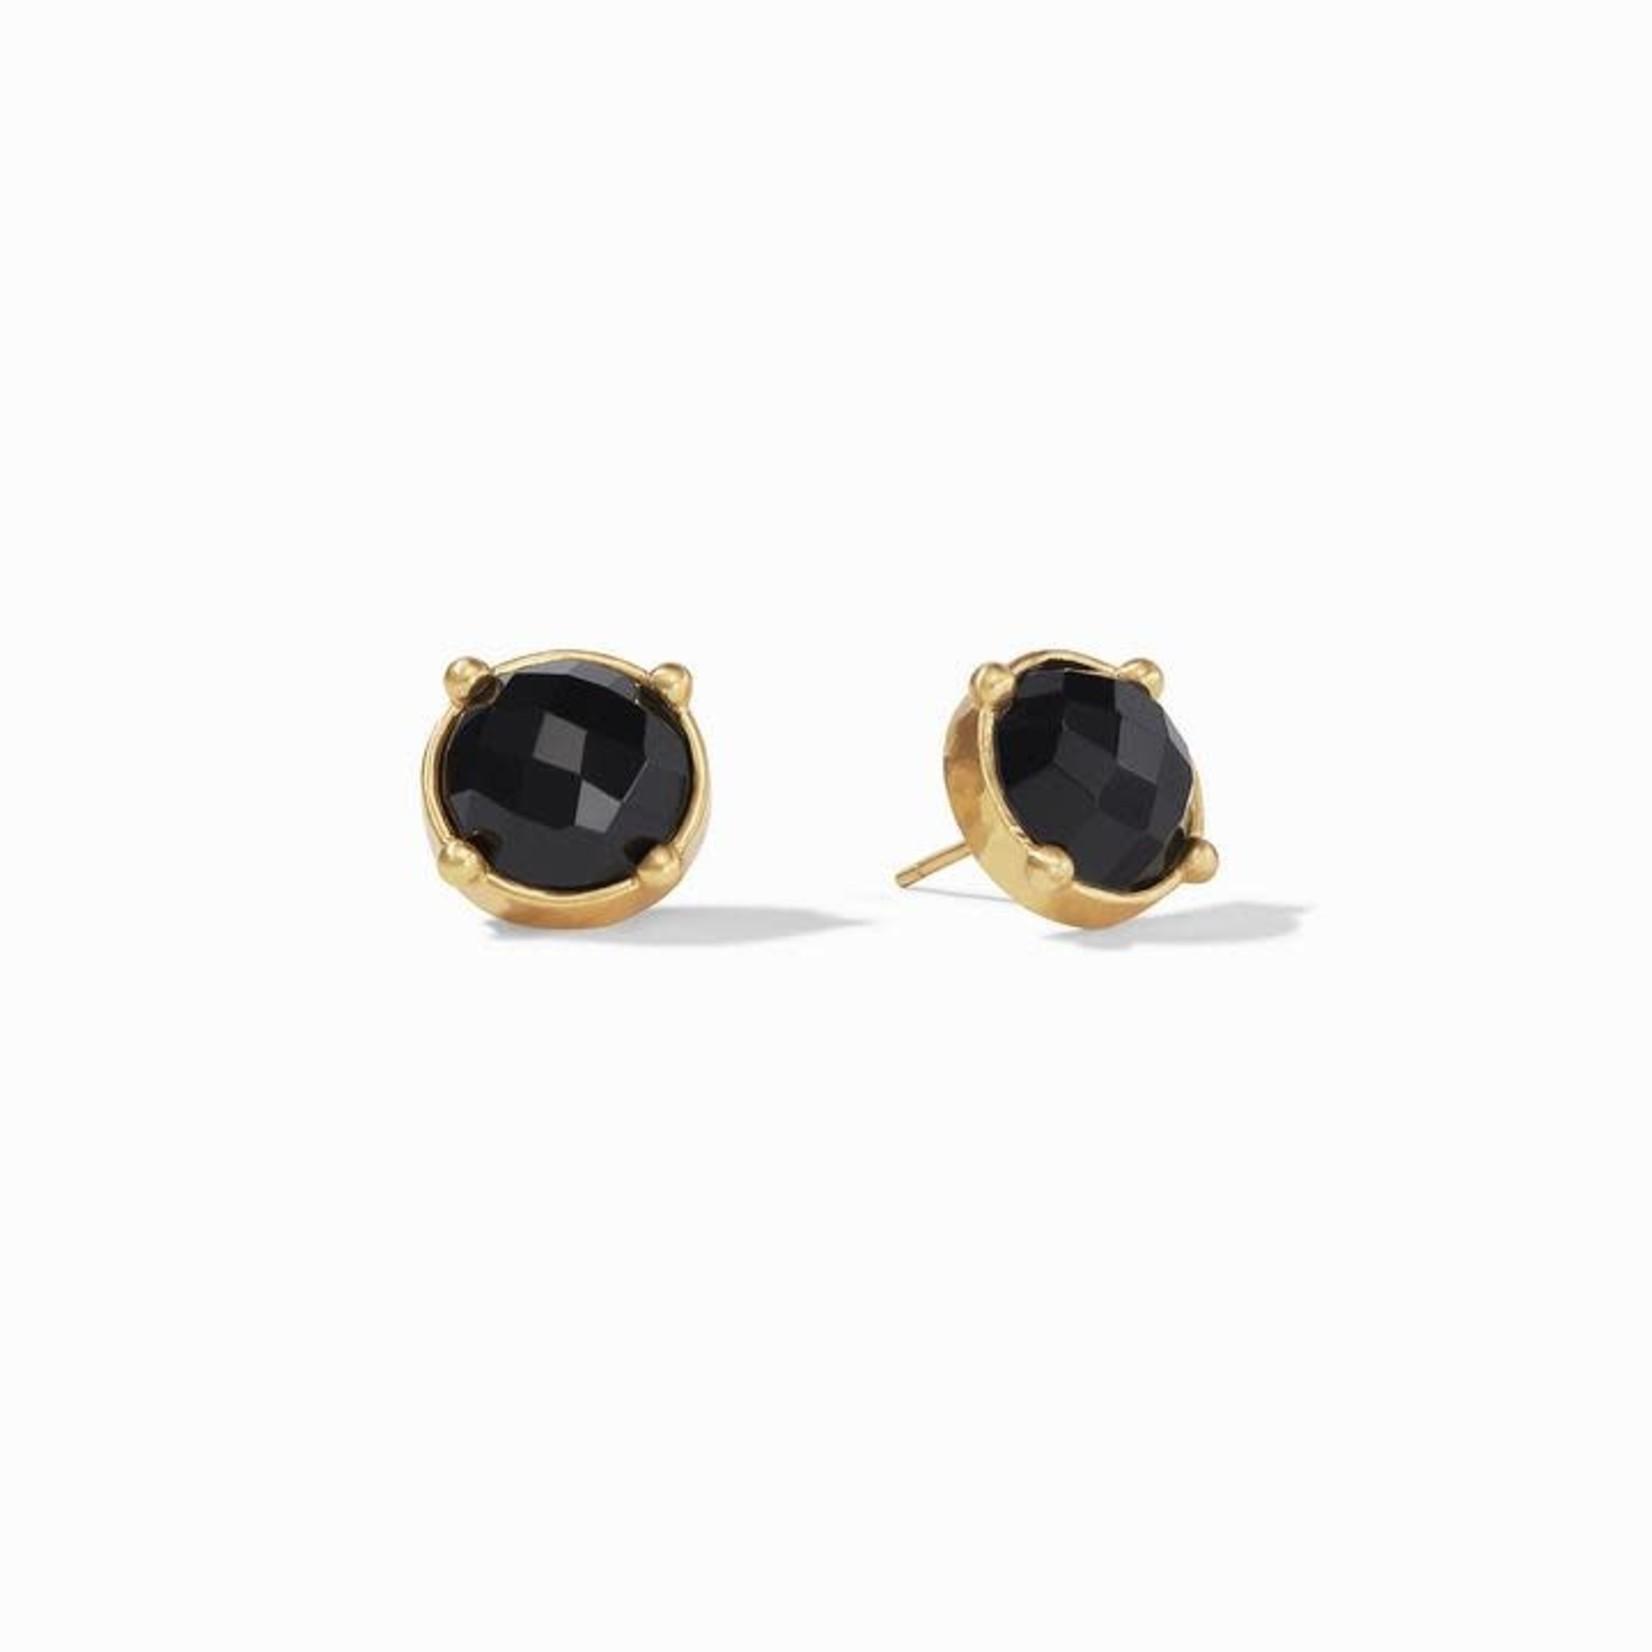 Julie Vos Honey Stud - Obsidian Black